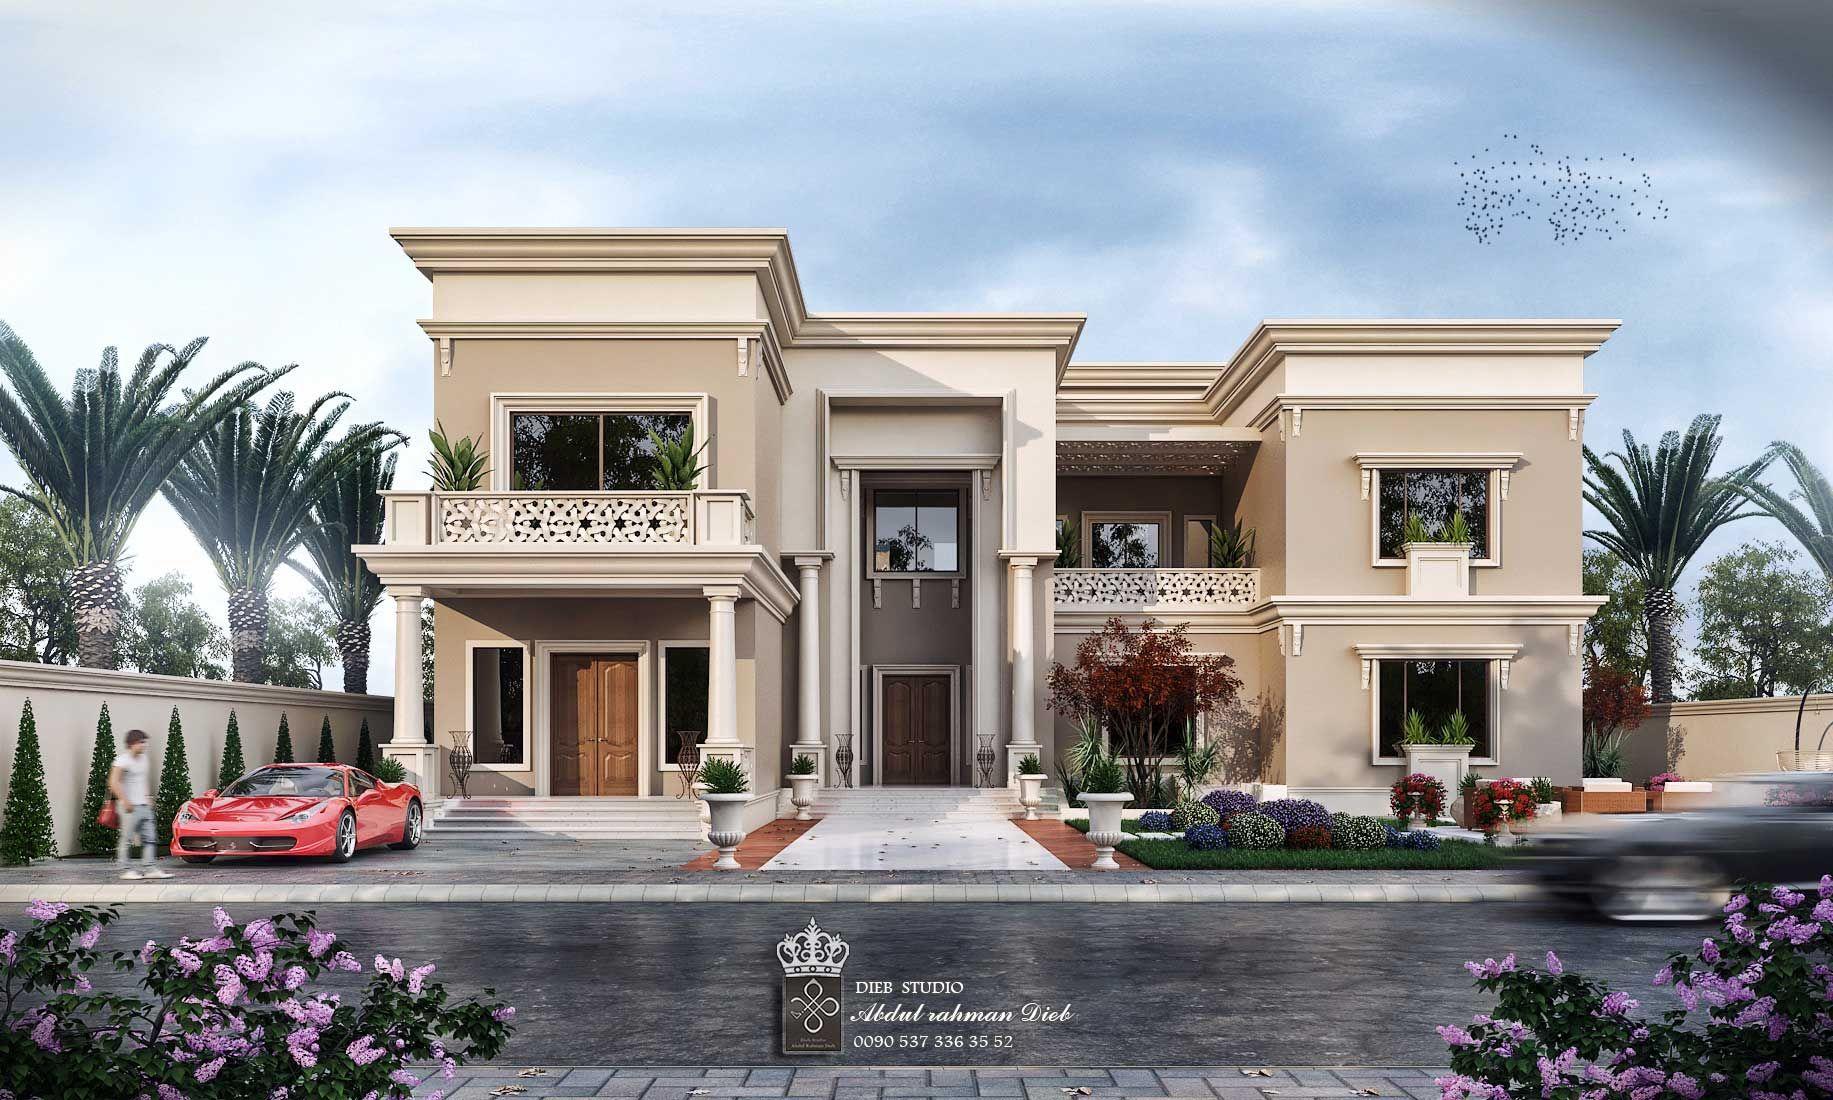 فيلا نيو كلاسيك بسيطة في سلطنة عمان New Classic Villa Oman